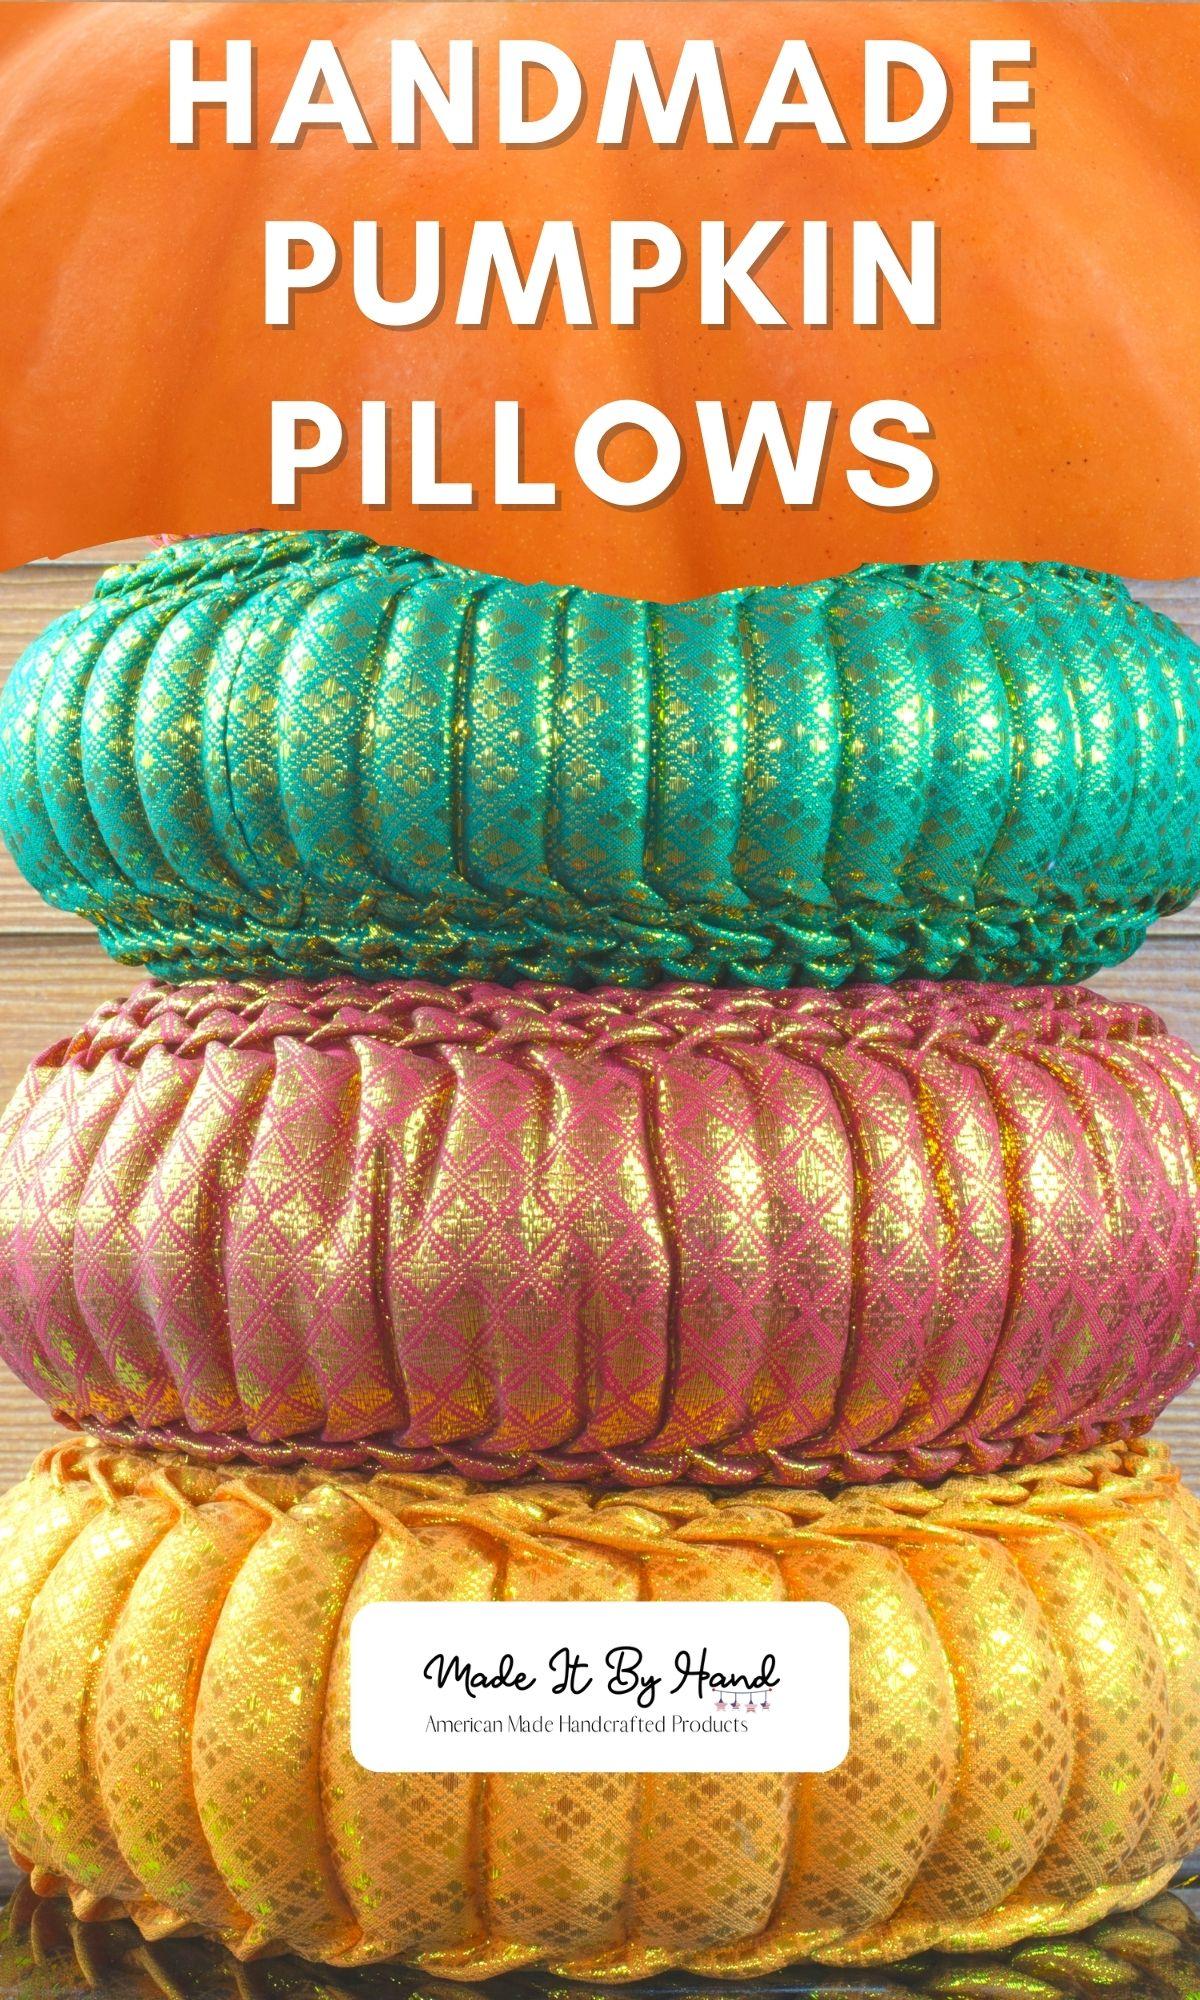 Handmade pumpkin pillow